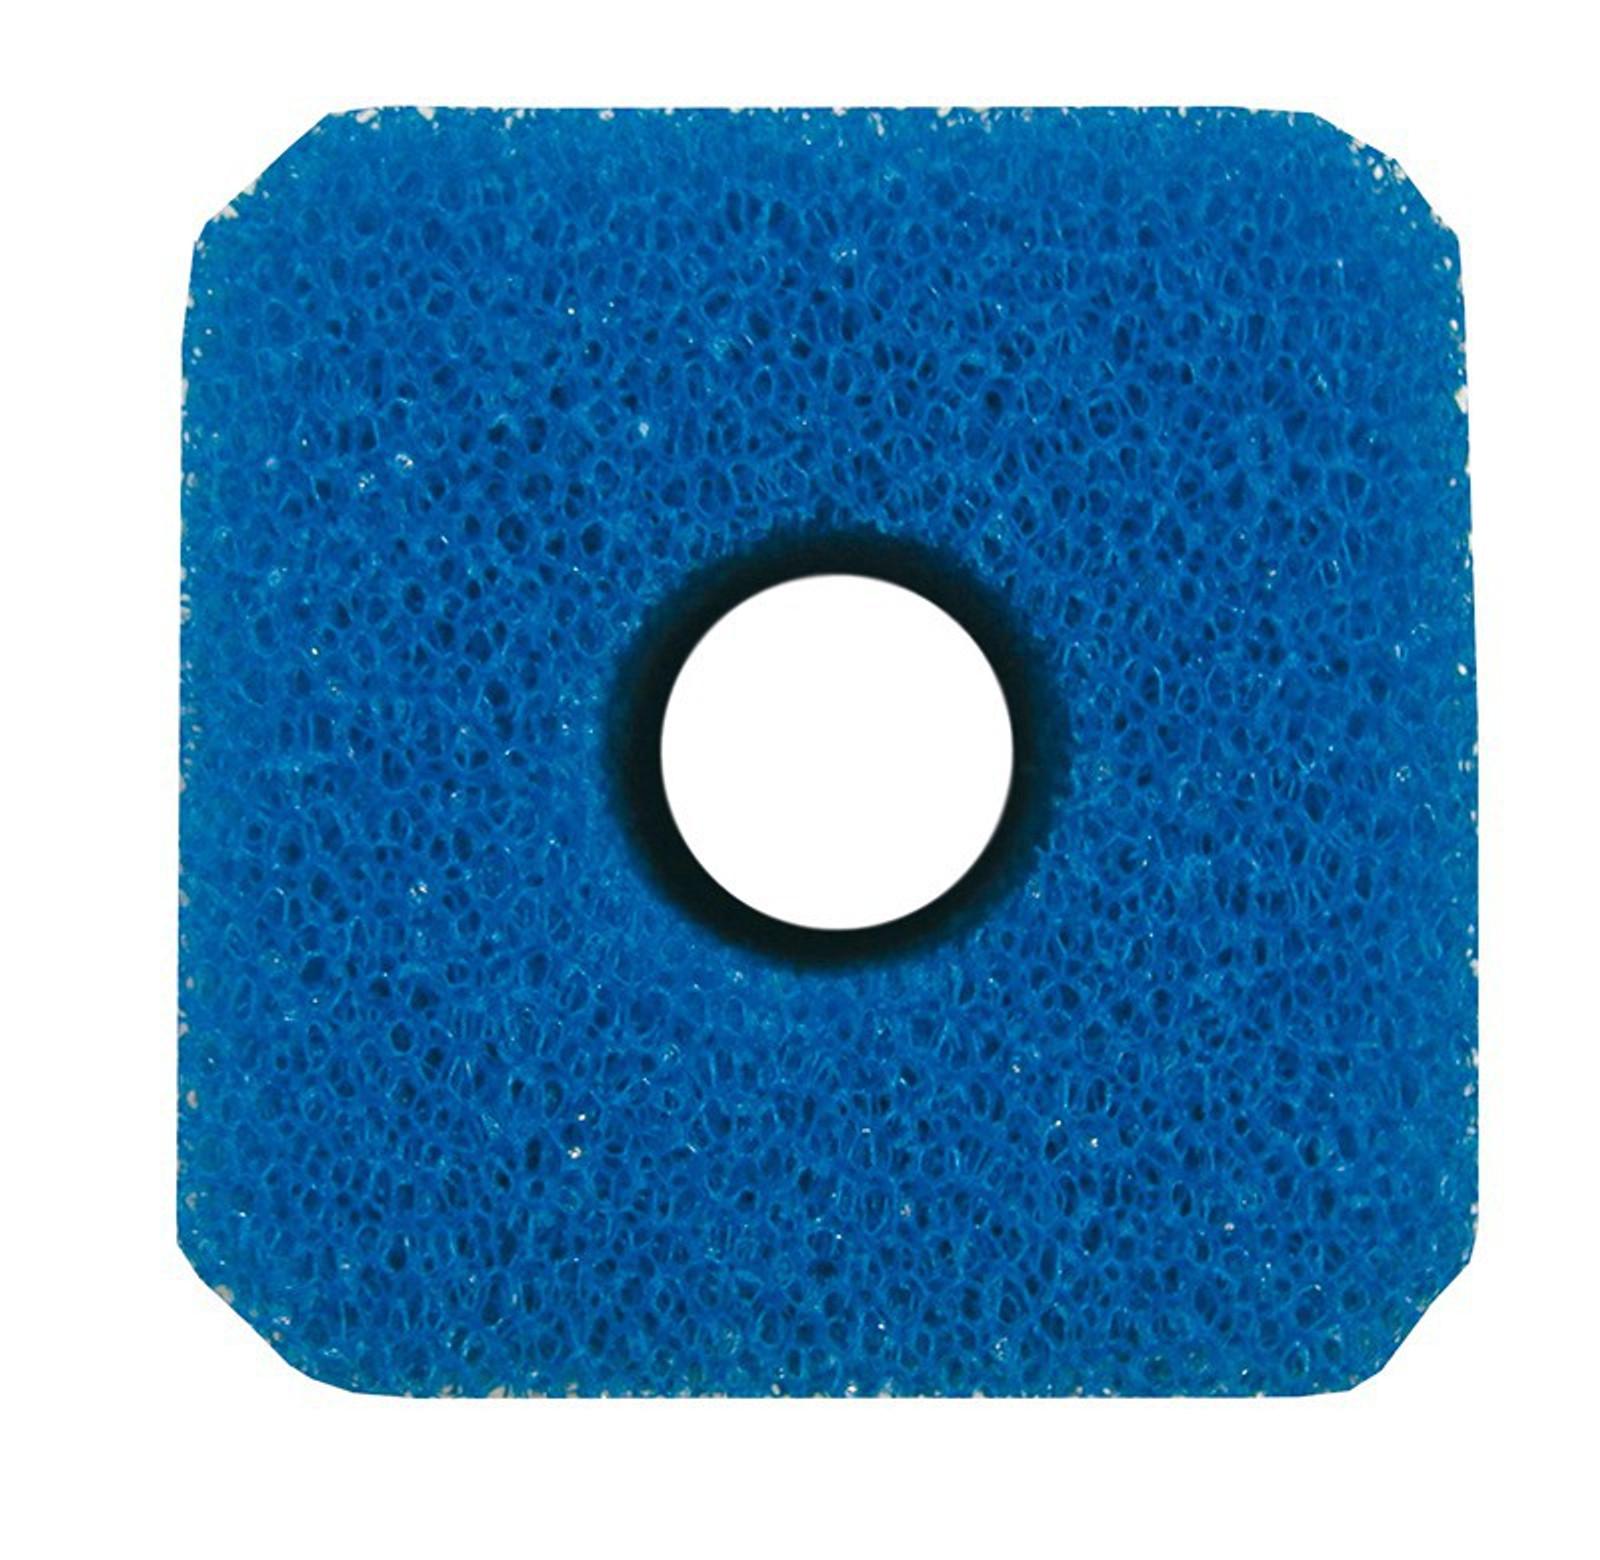 Schaumstoffpatrone blau – Bild 1